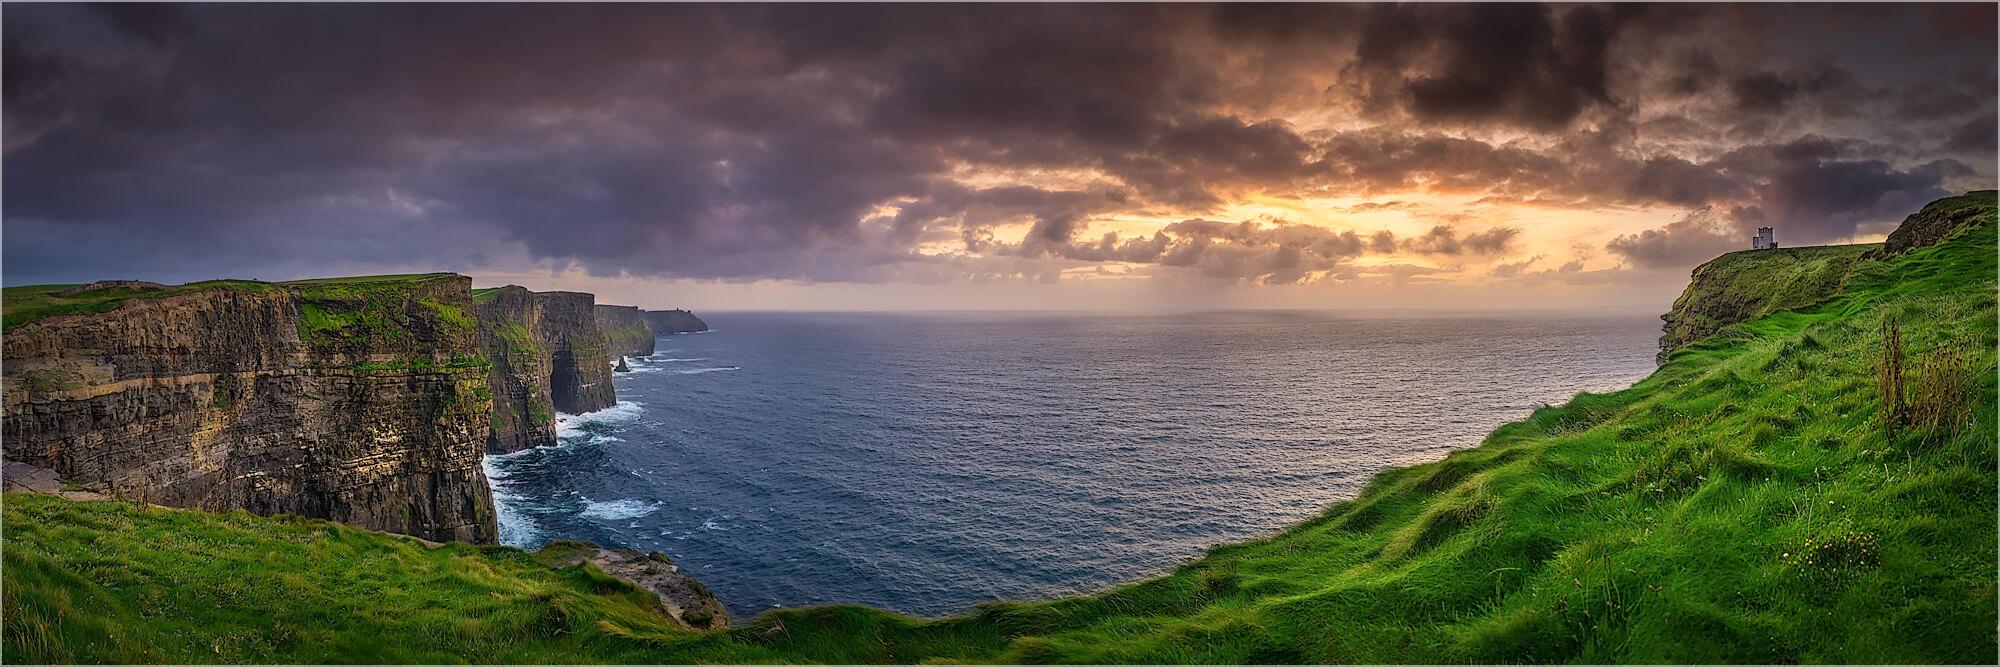 Panoramafoto Irland die Cliffs von Moher